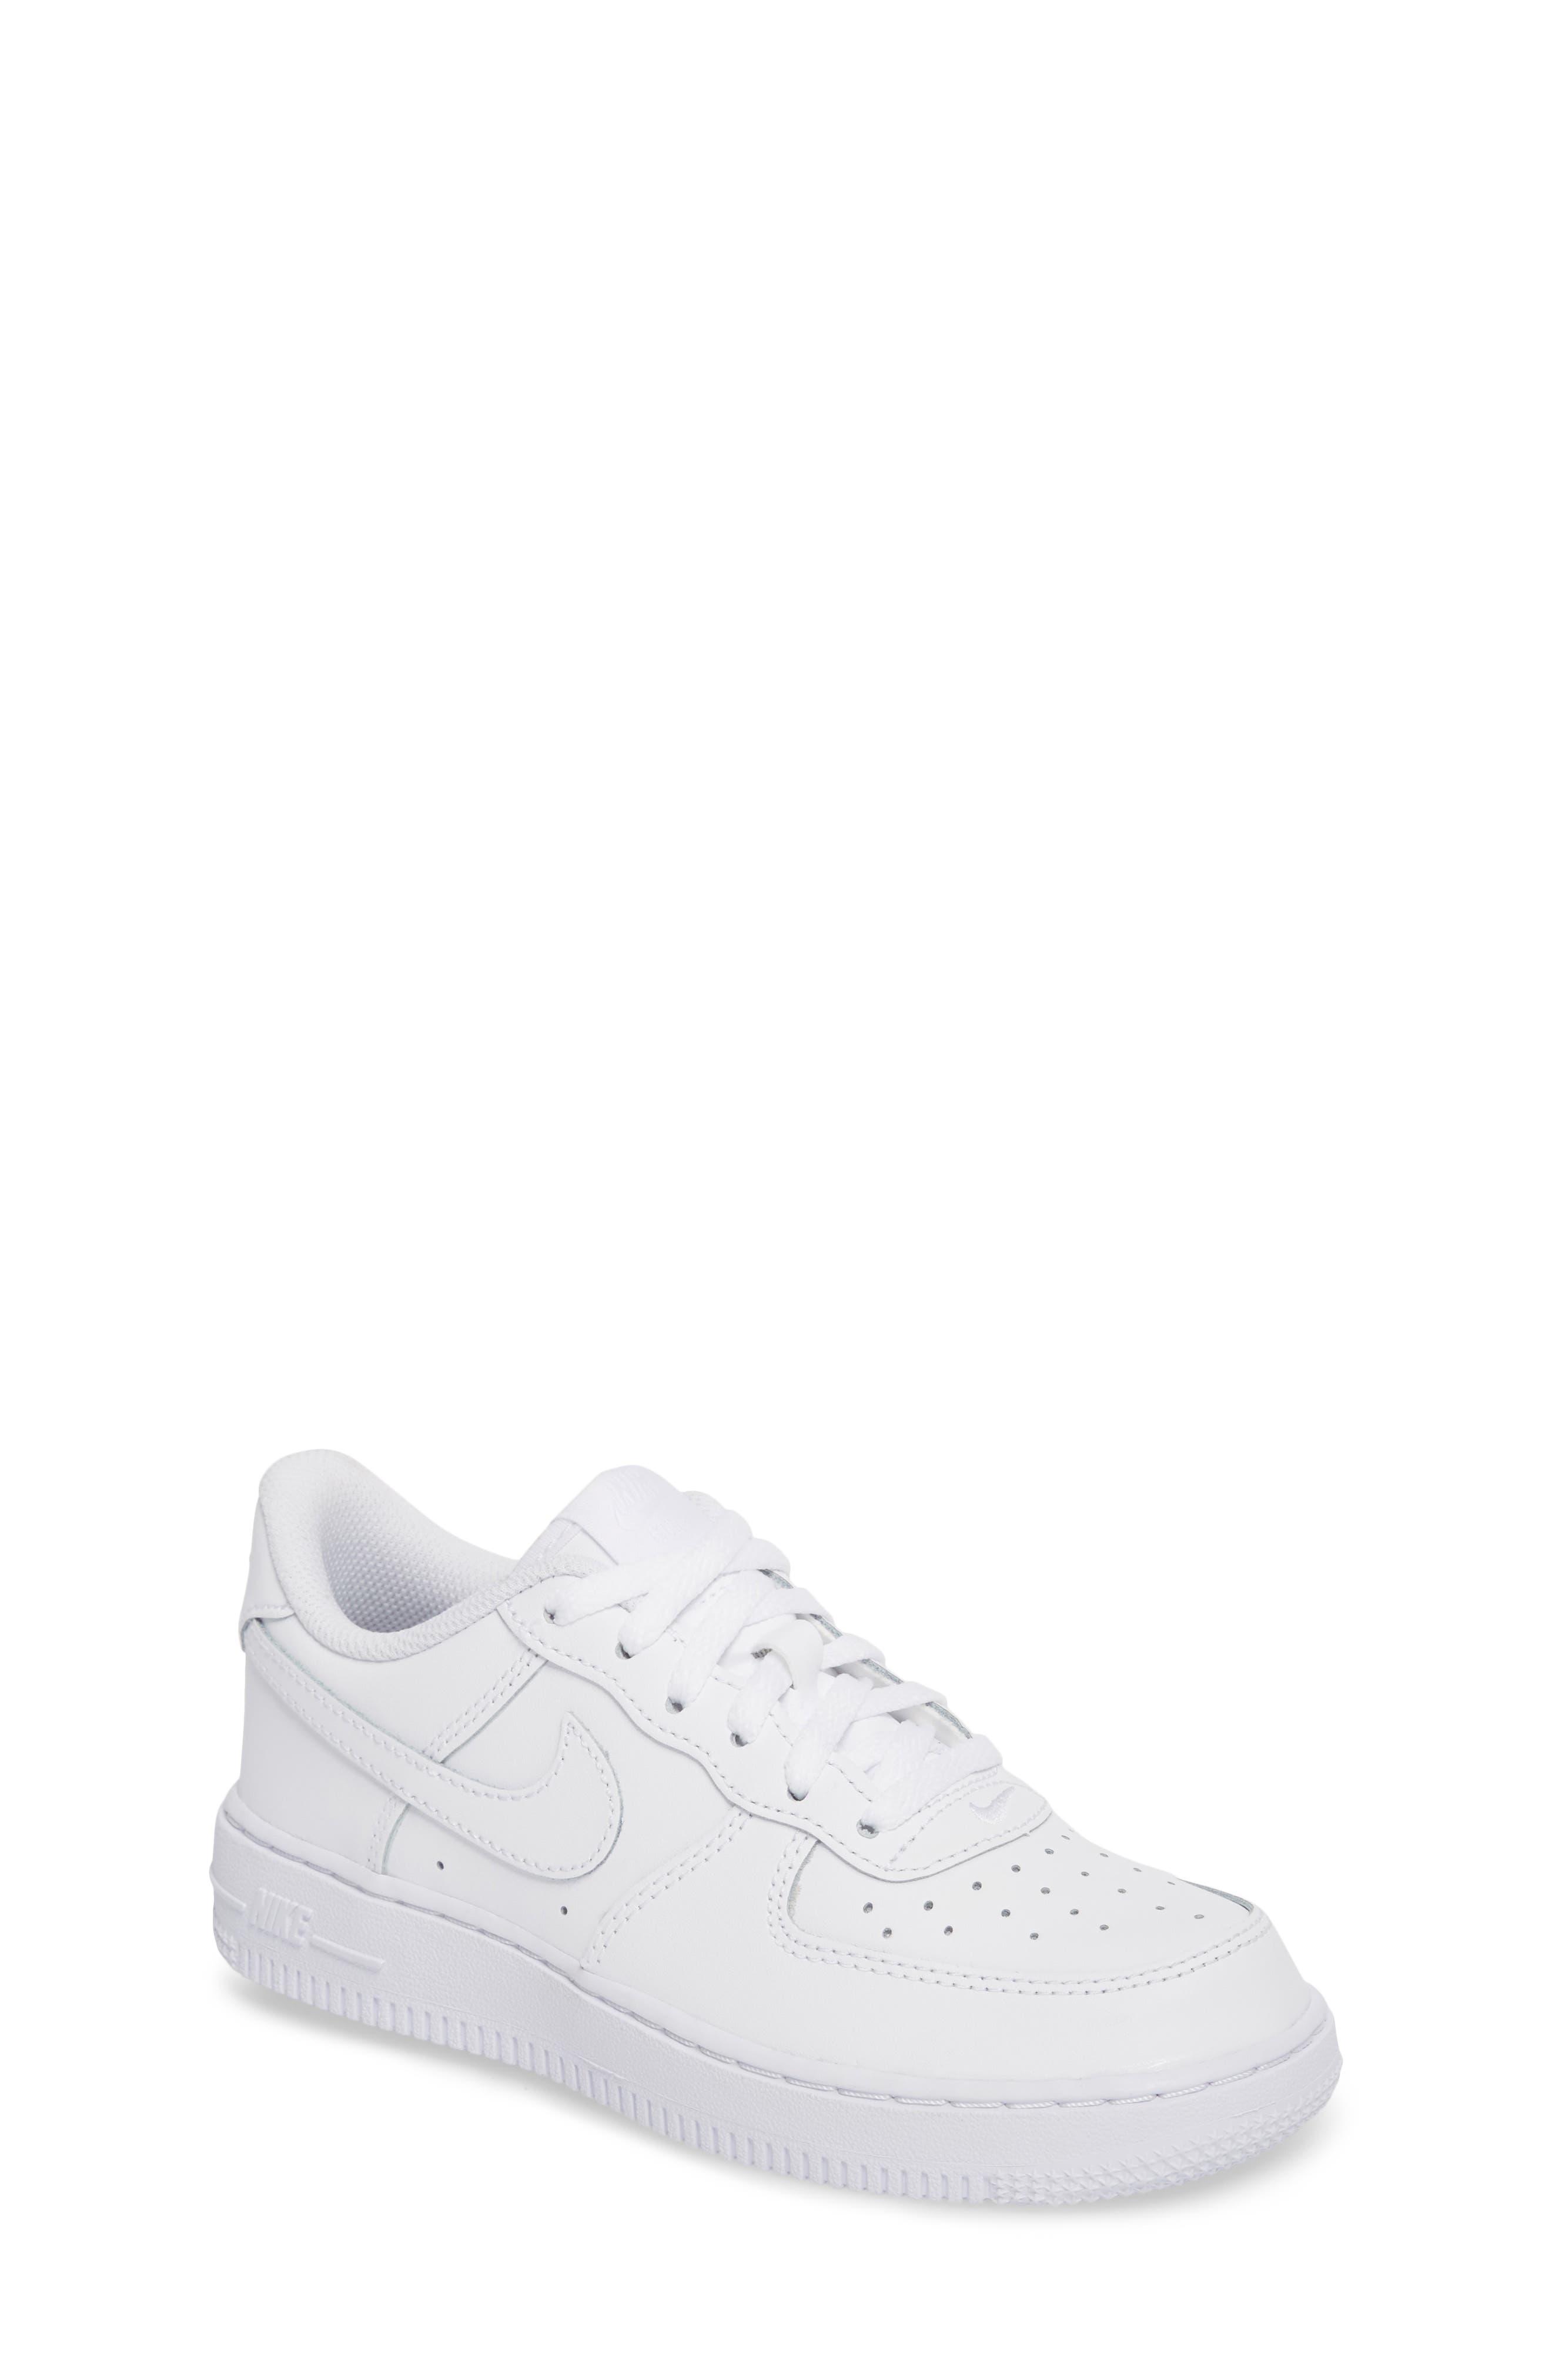 Nike Air Force 1 Sneaker (Toddler